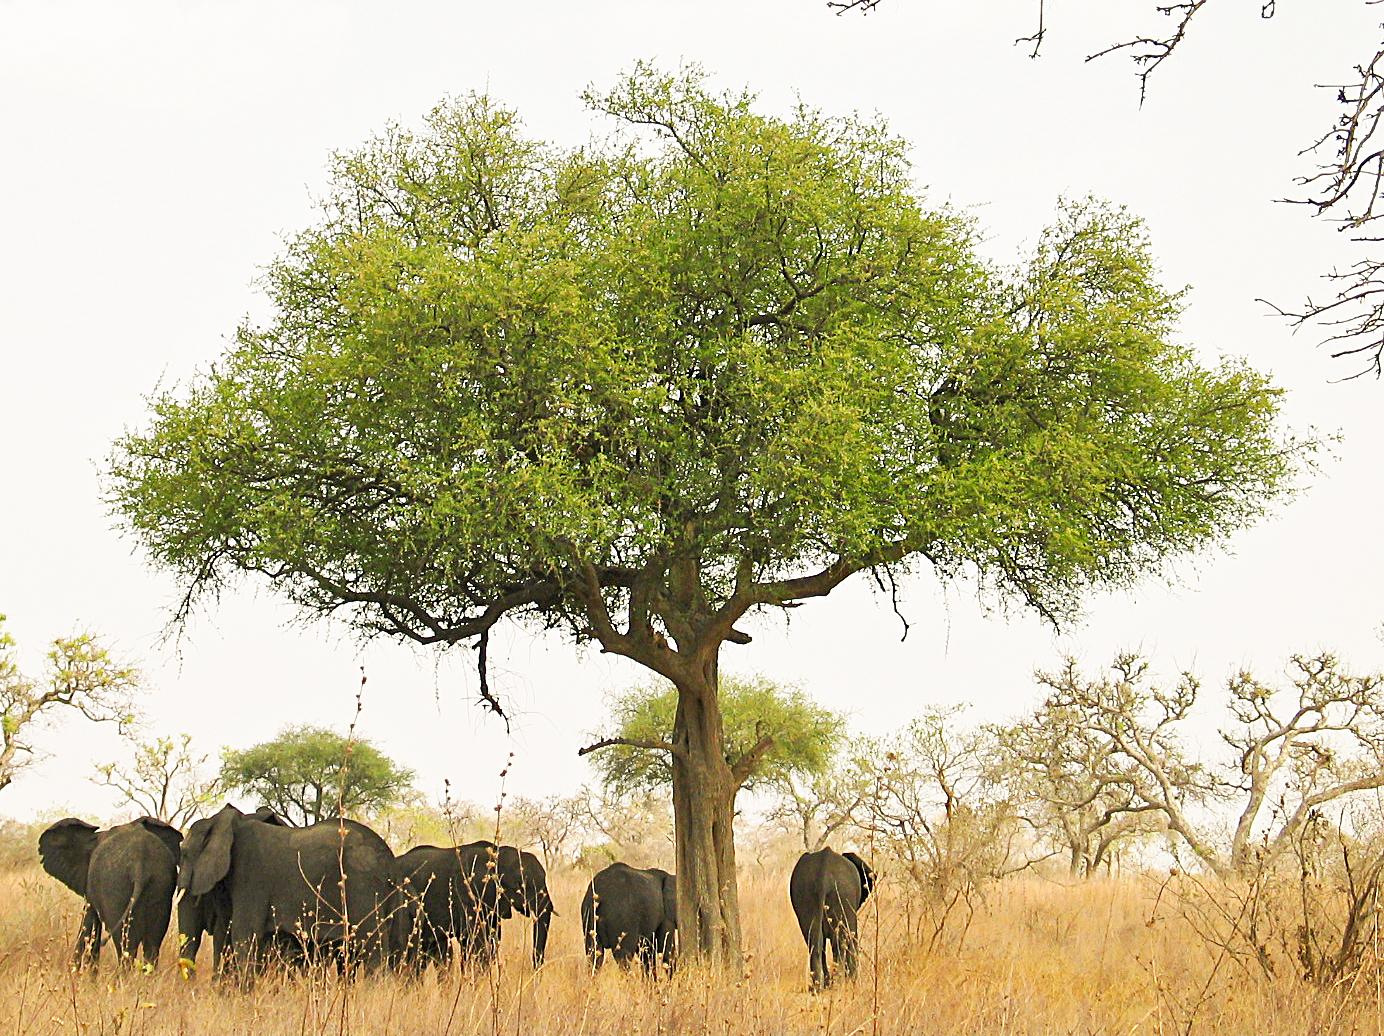 Elephants around an acacia (?) tree in Waza Pa...